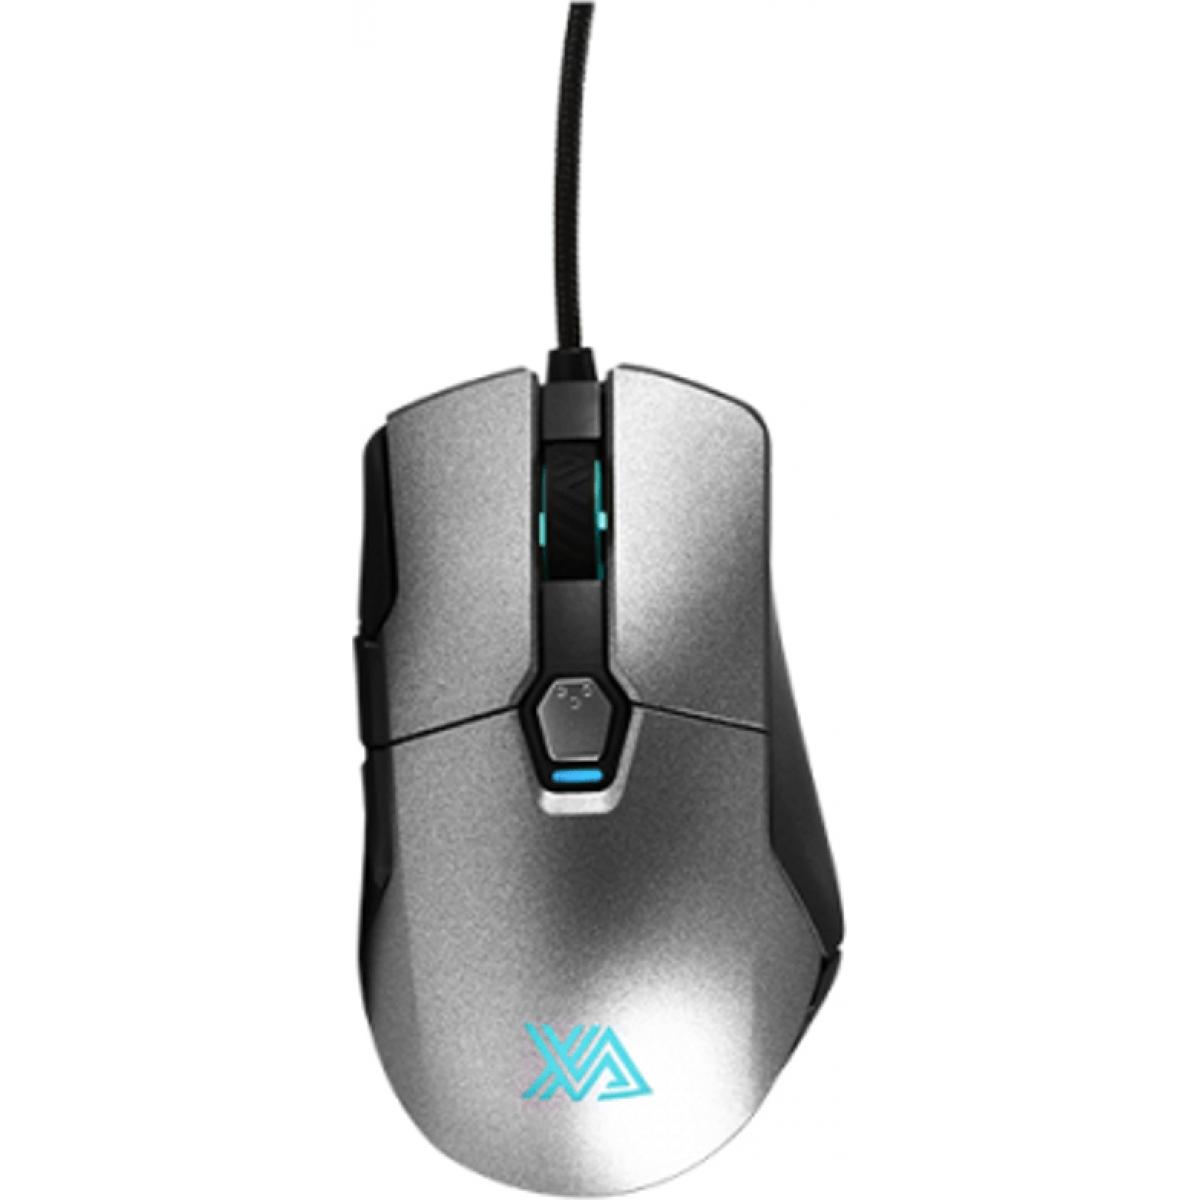 Mouse Gamer Xanova Mensa XM380 Pro 6 Botões 16.000 DPI RGB Black